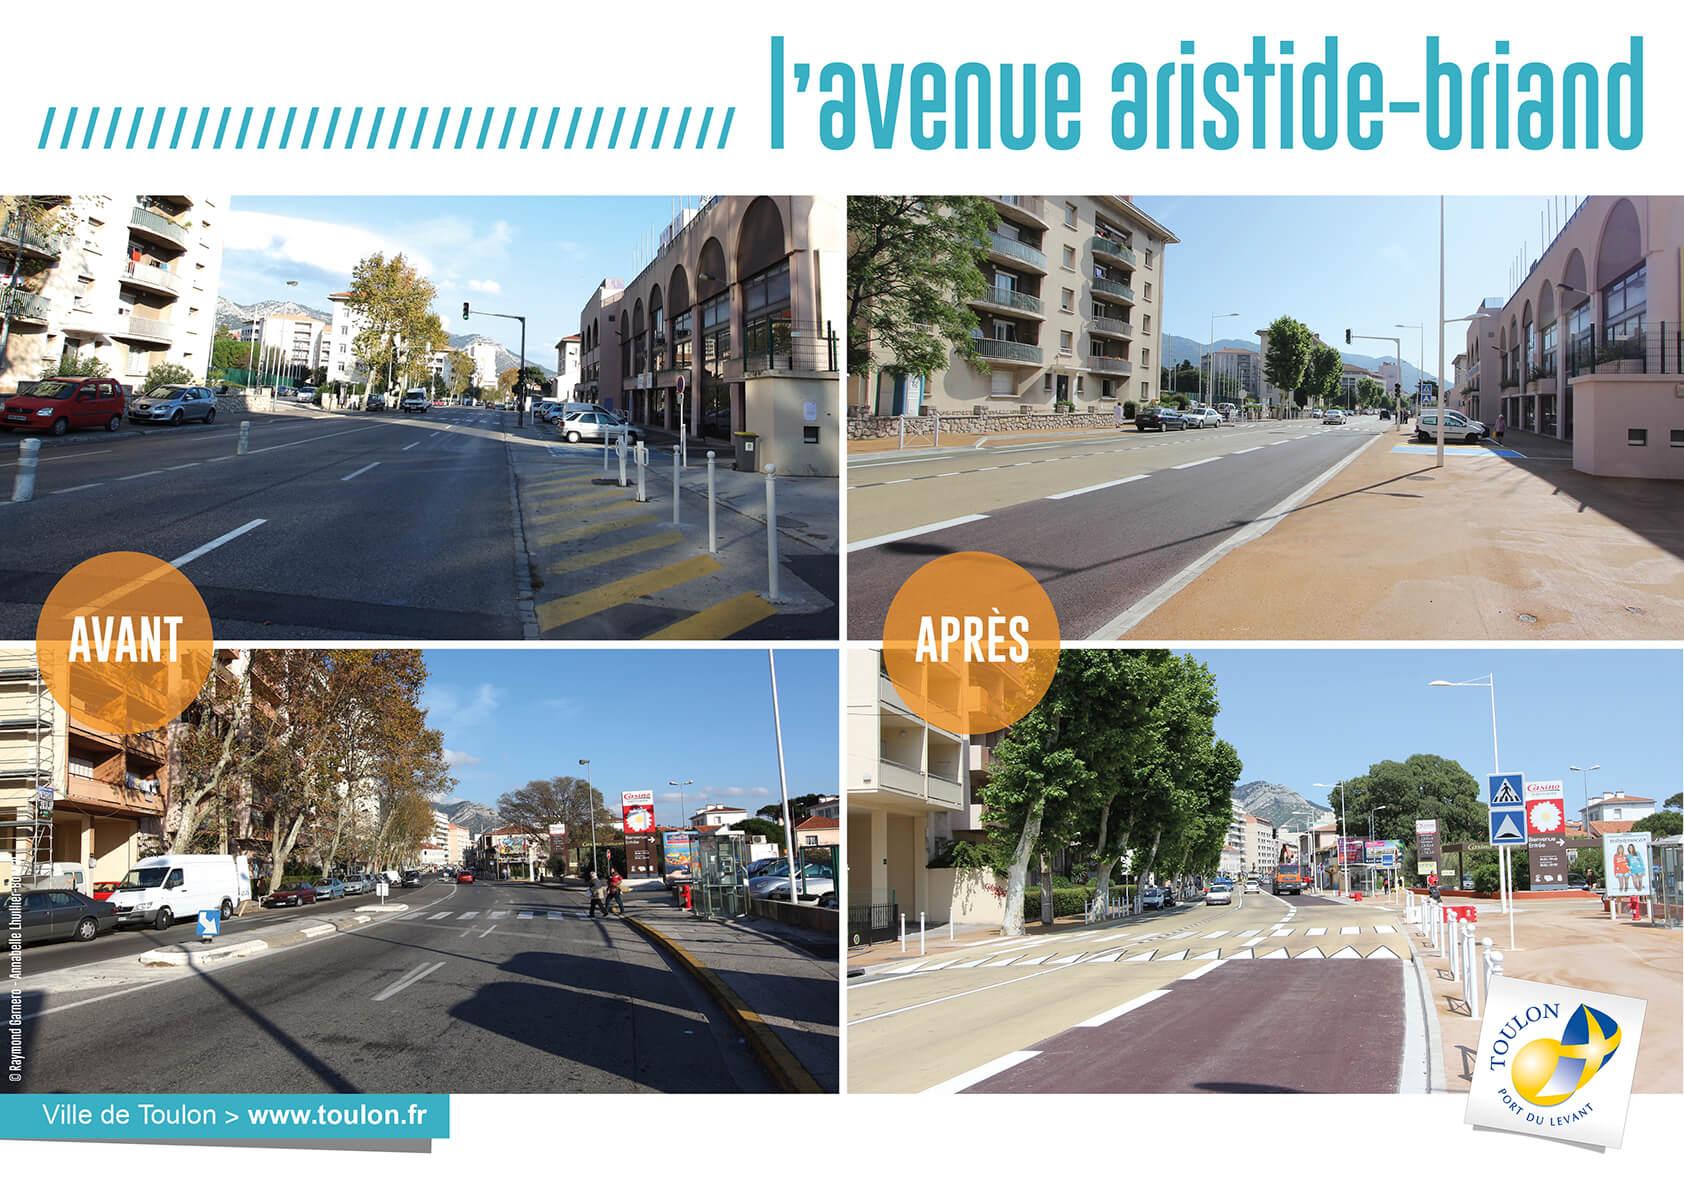 L'avenue aristide briand